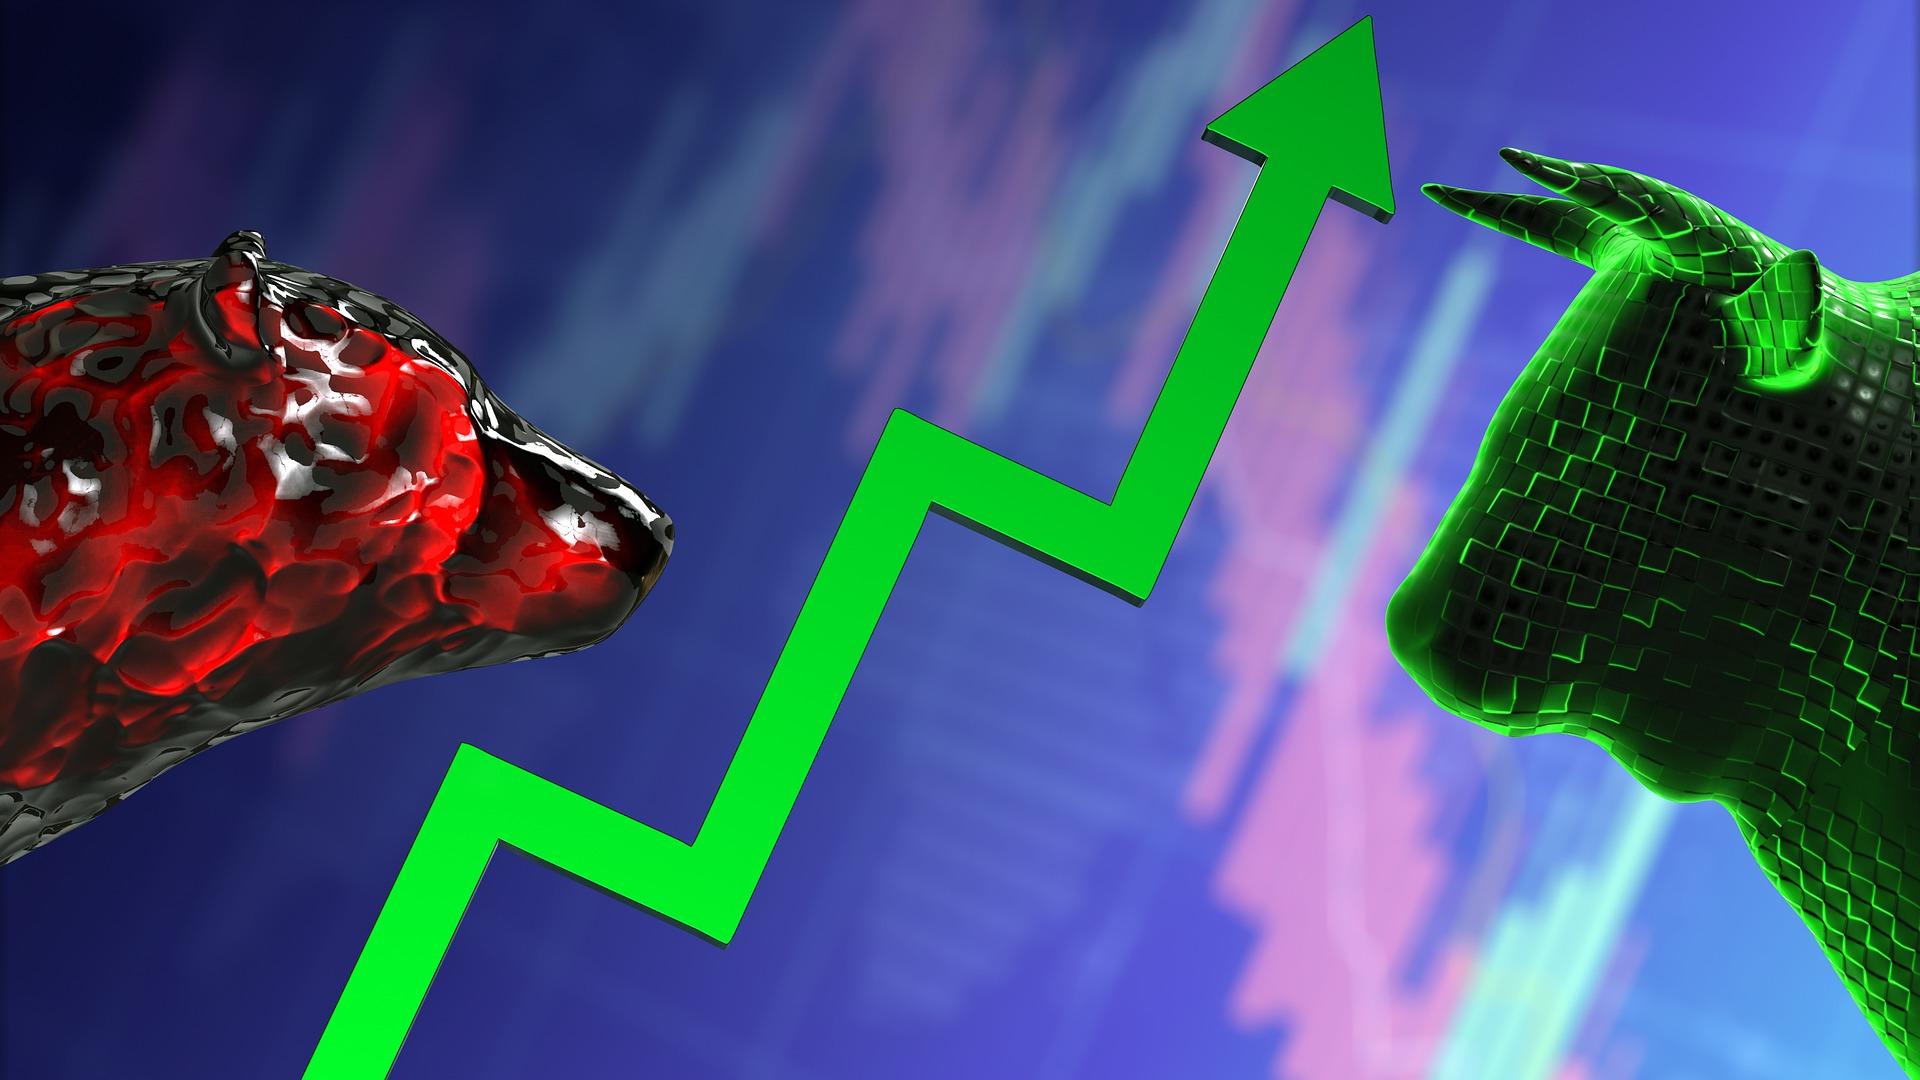 株価 クラウド ストライク